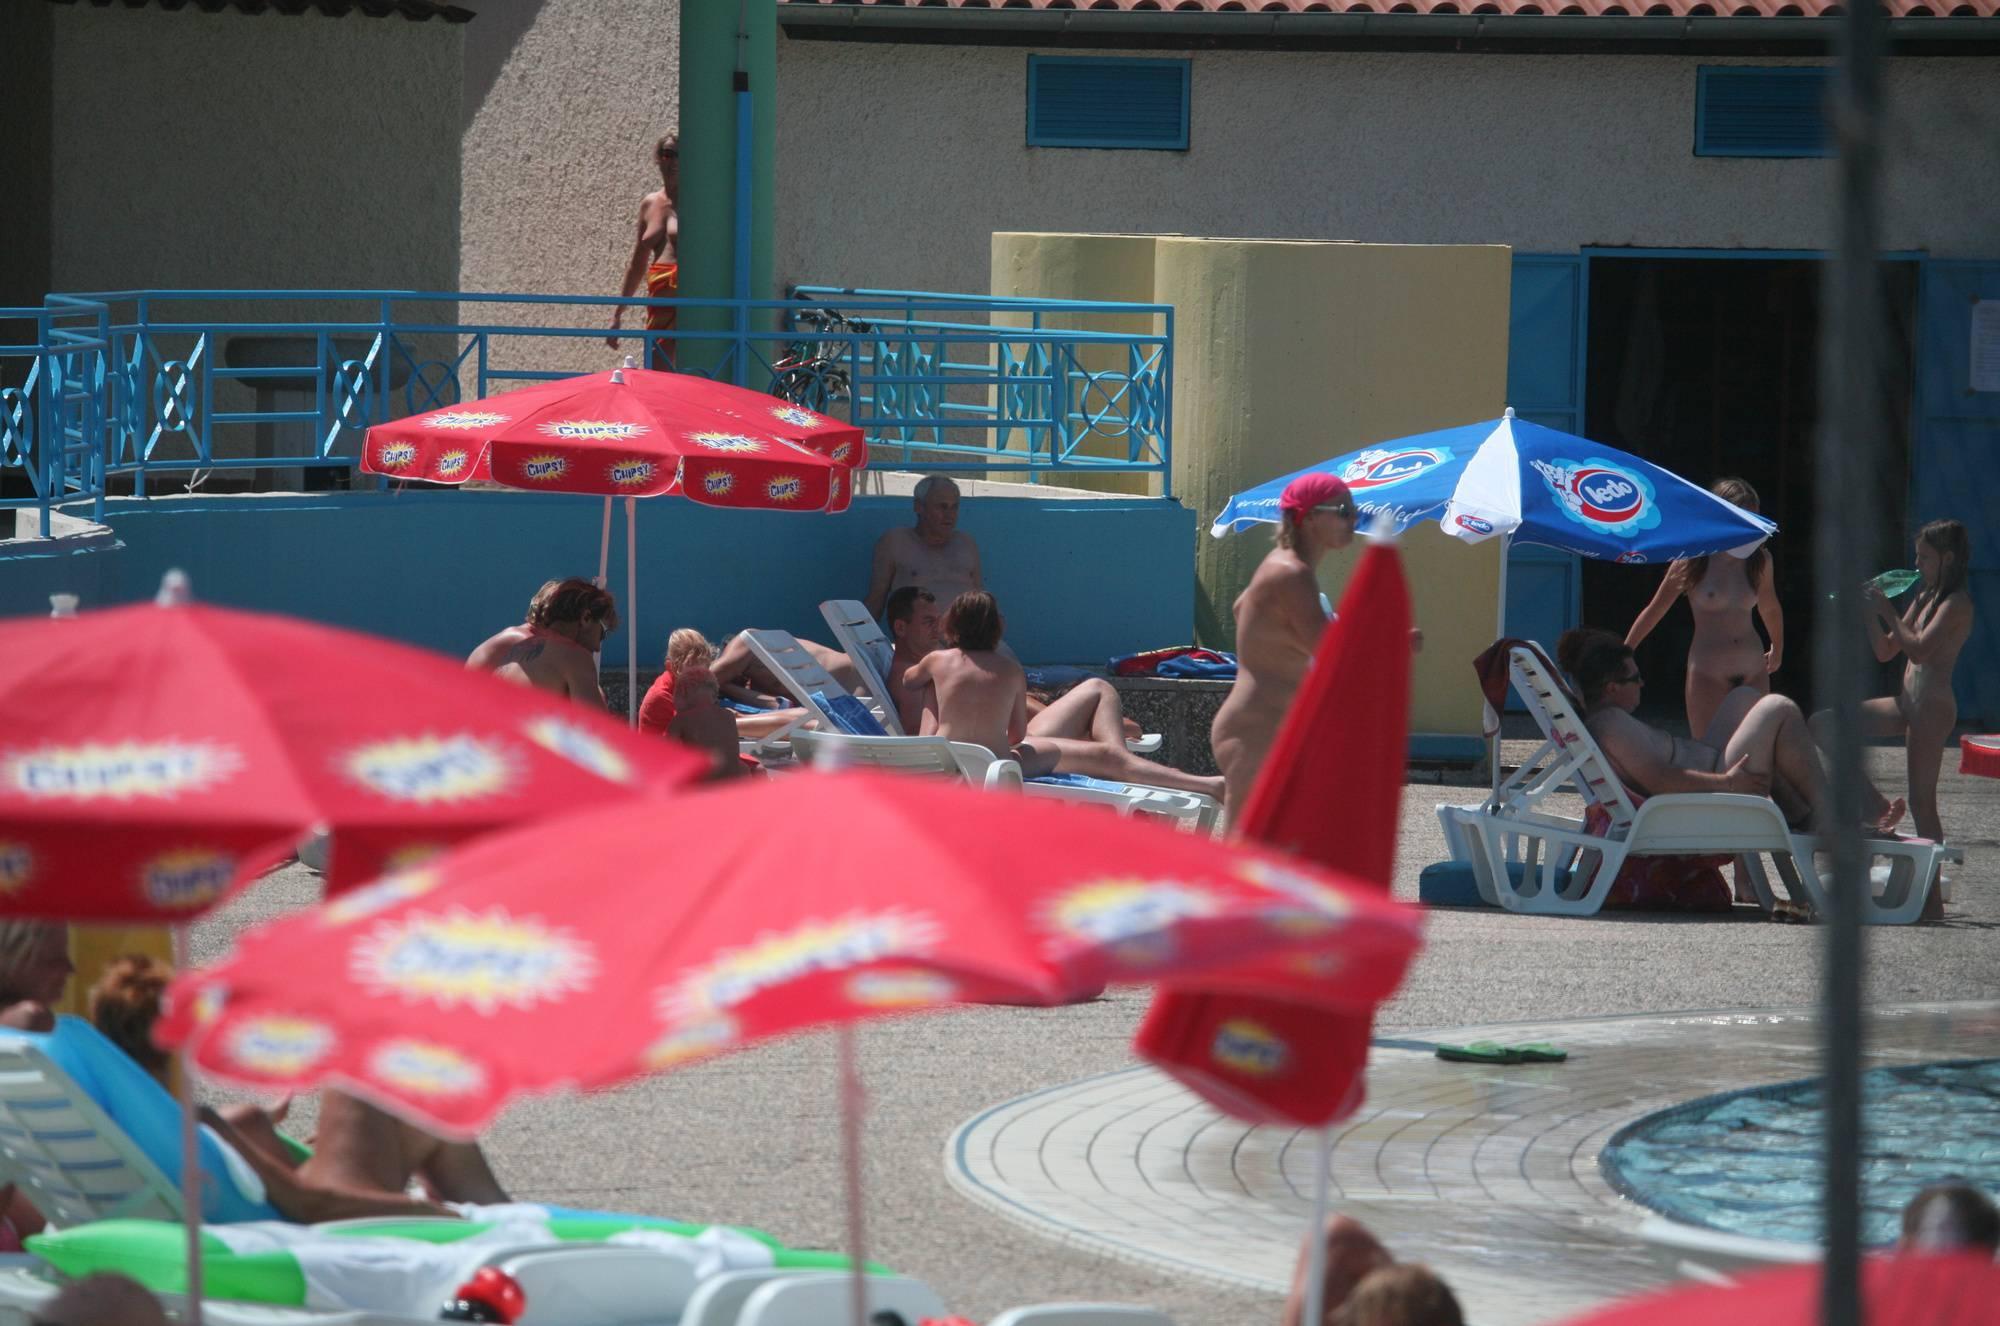 Nudist Photos Avilia FKK Naturist Pool - 2